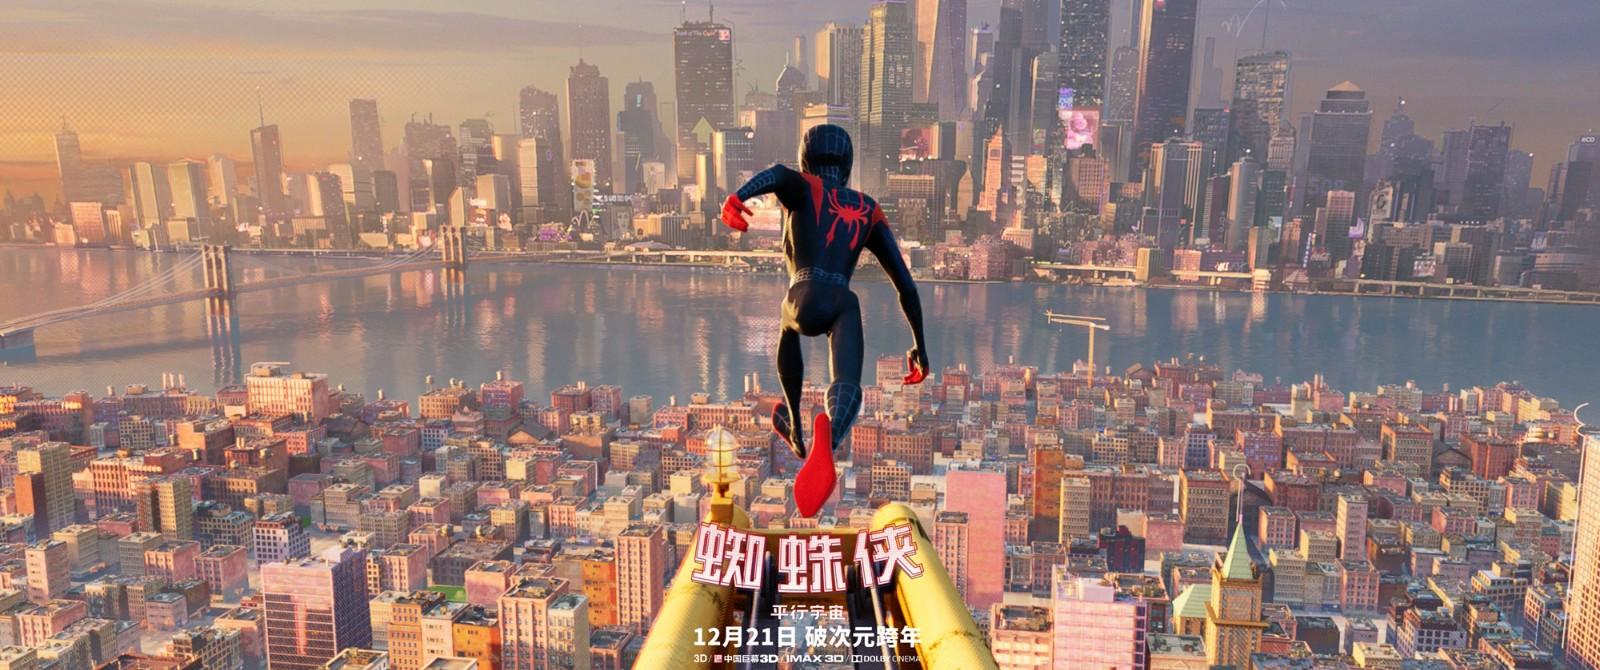 纽约影评人协会奖名单公布!《蜘蛛侠:平行宇宙》拿下最佳动画奖